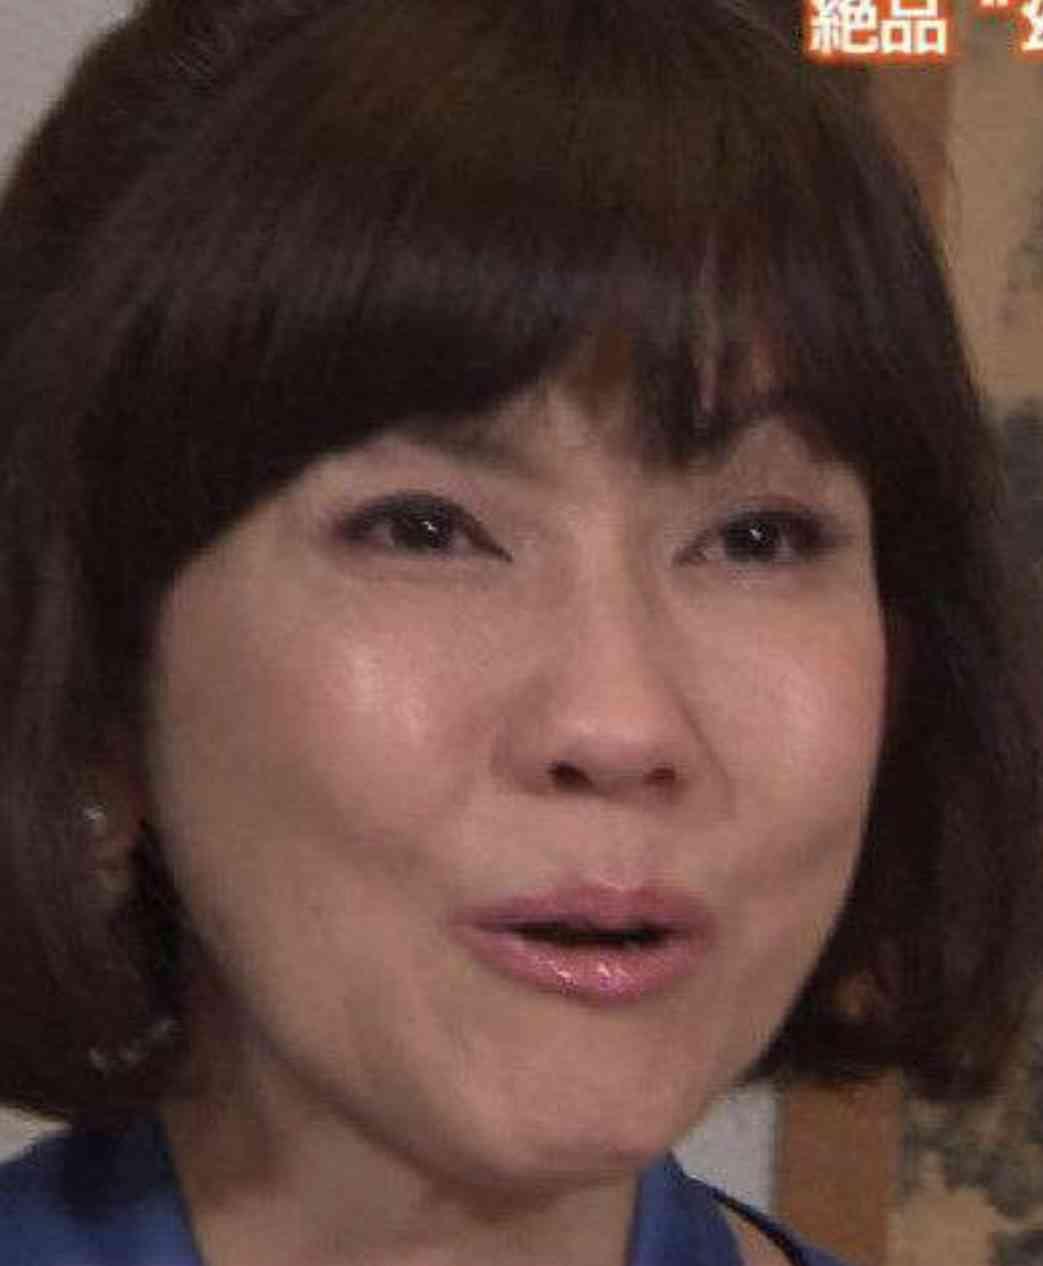 松本伊代と向井亜紀が『朝だ!生です旅サラダ』で号泣「涙が…泣いちゃう…」